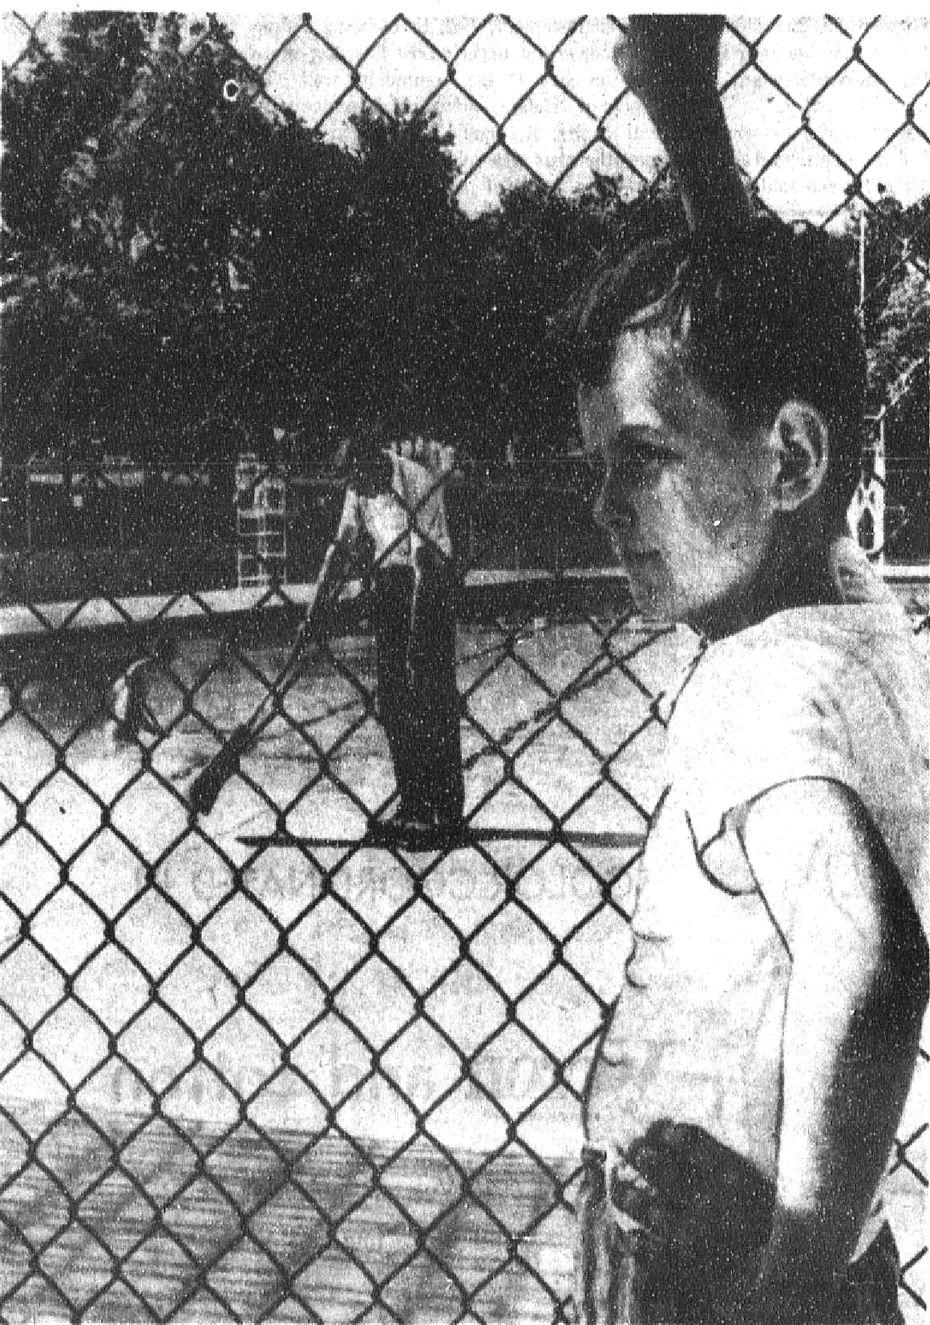 """May 15, 1964, """"Neighborhood pools due to open today"""""""